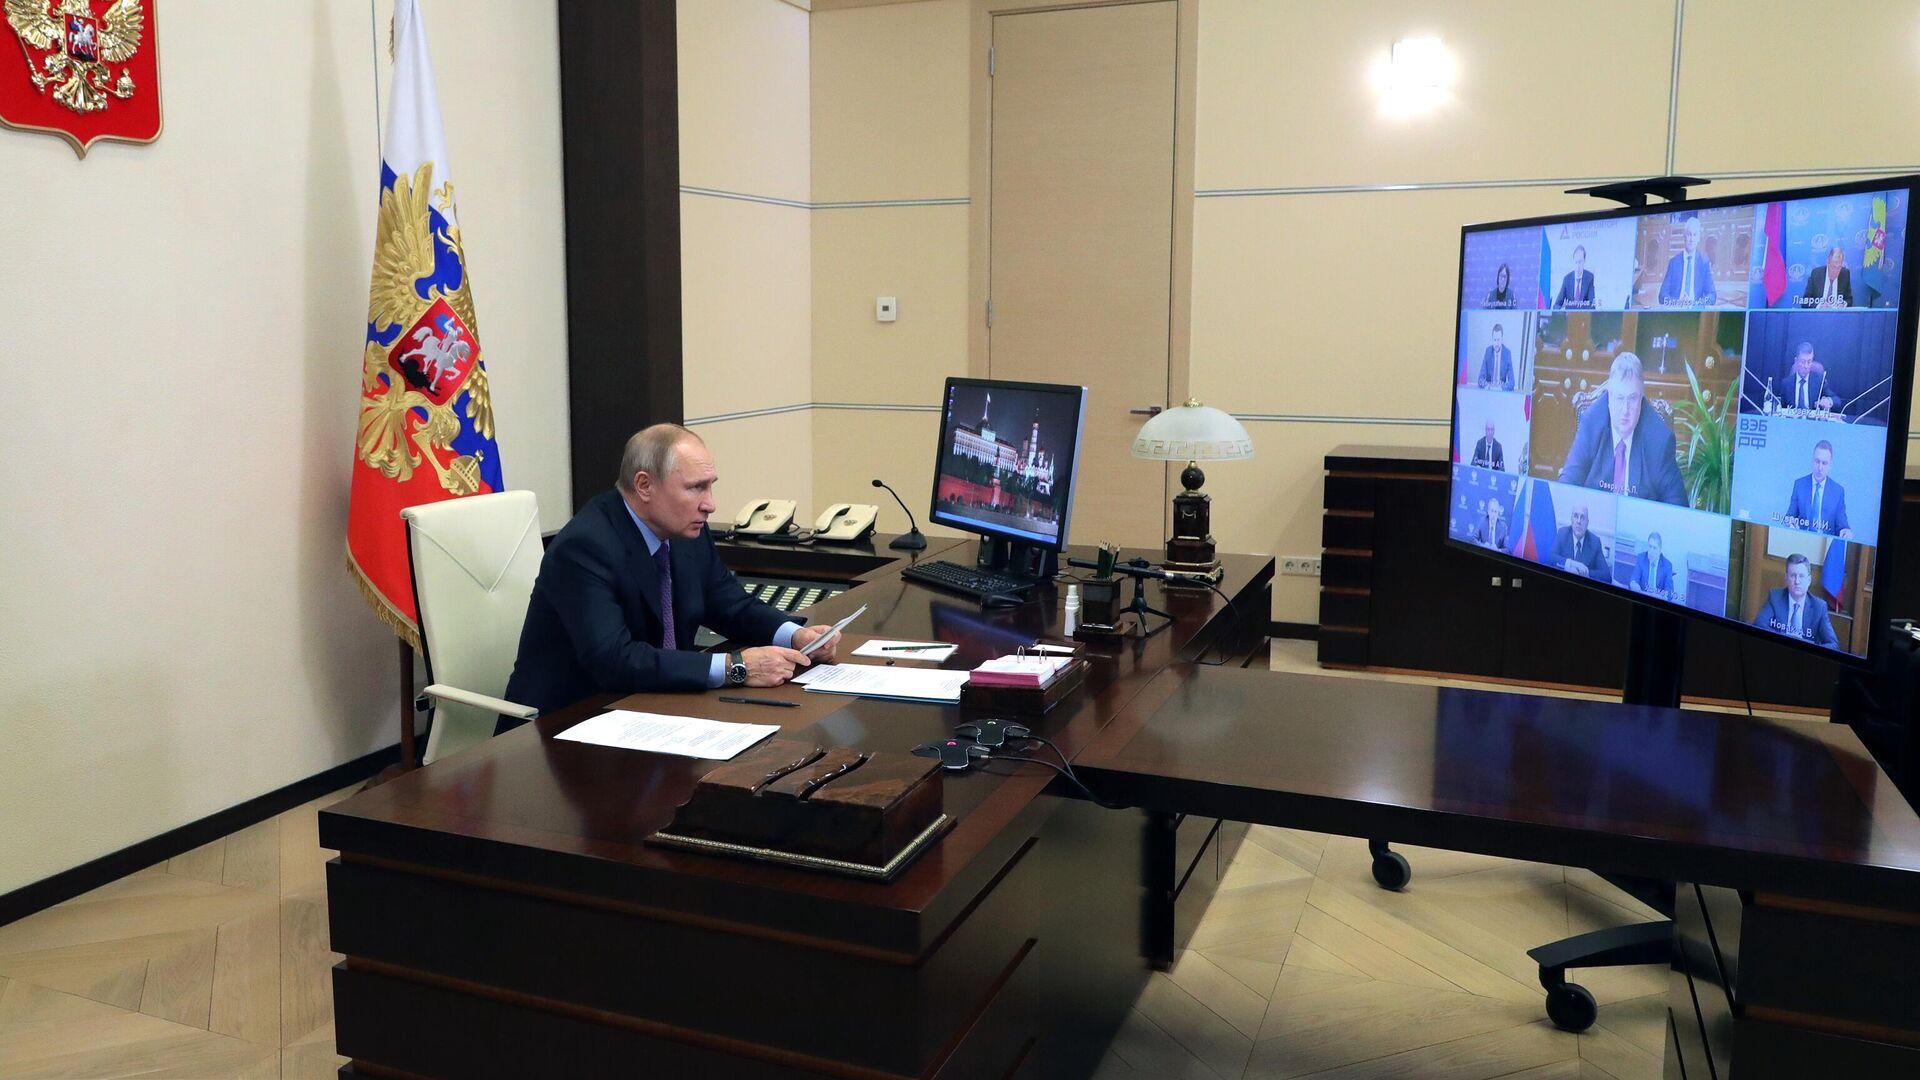 Президент РФ Владимир Путин проводит в режиме видеоконференции совещание по стратегии интеграции на пространстве ЕАЭС - РИА Новости, 1920, 20.01.2021